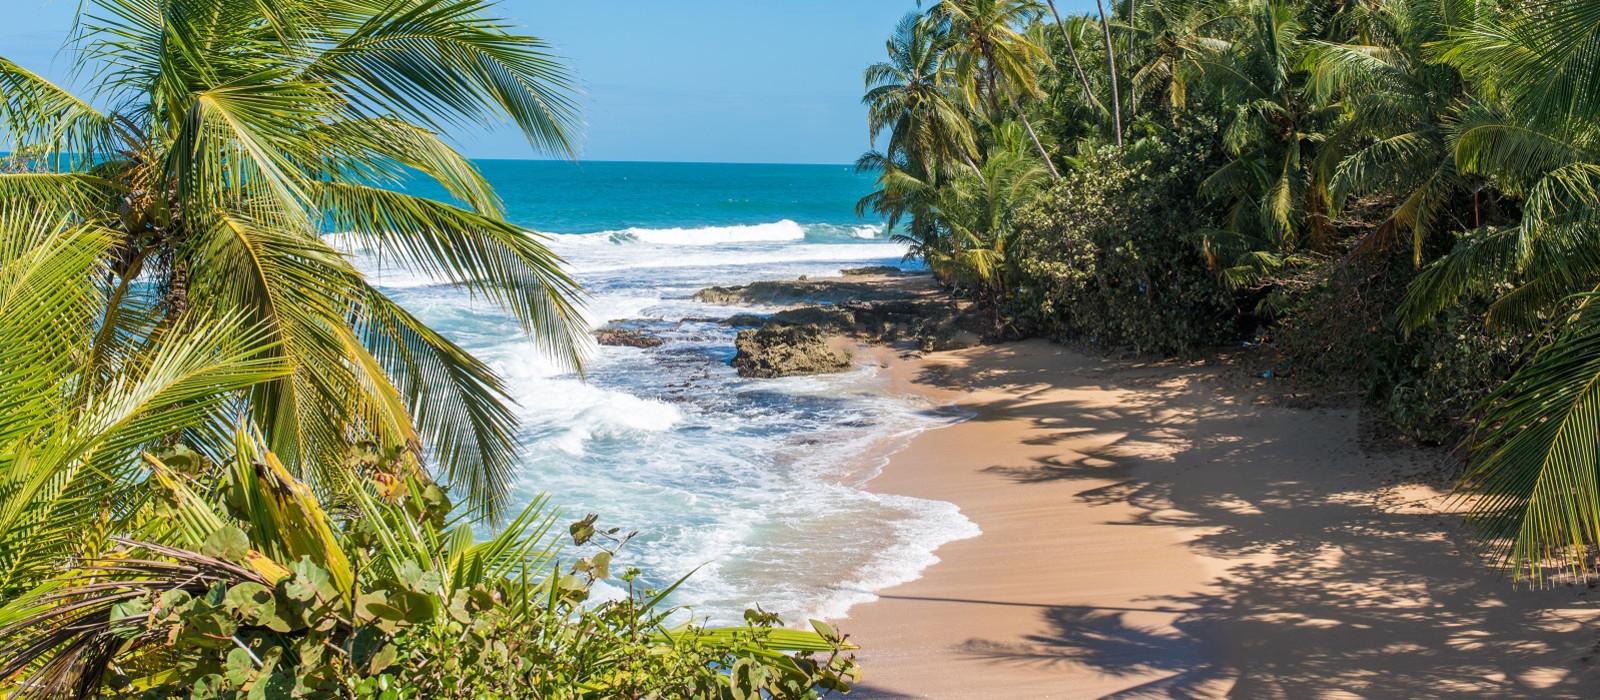 Selbstfahrer-Reise: Costa Rica abseits ausgetretener Pfade Urlaub 1